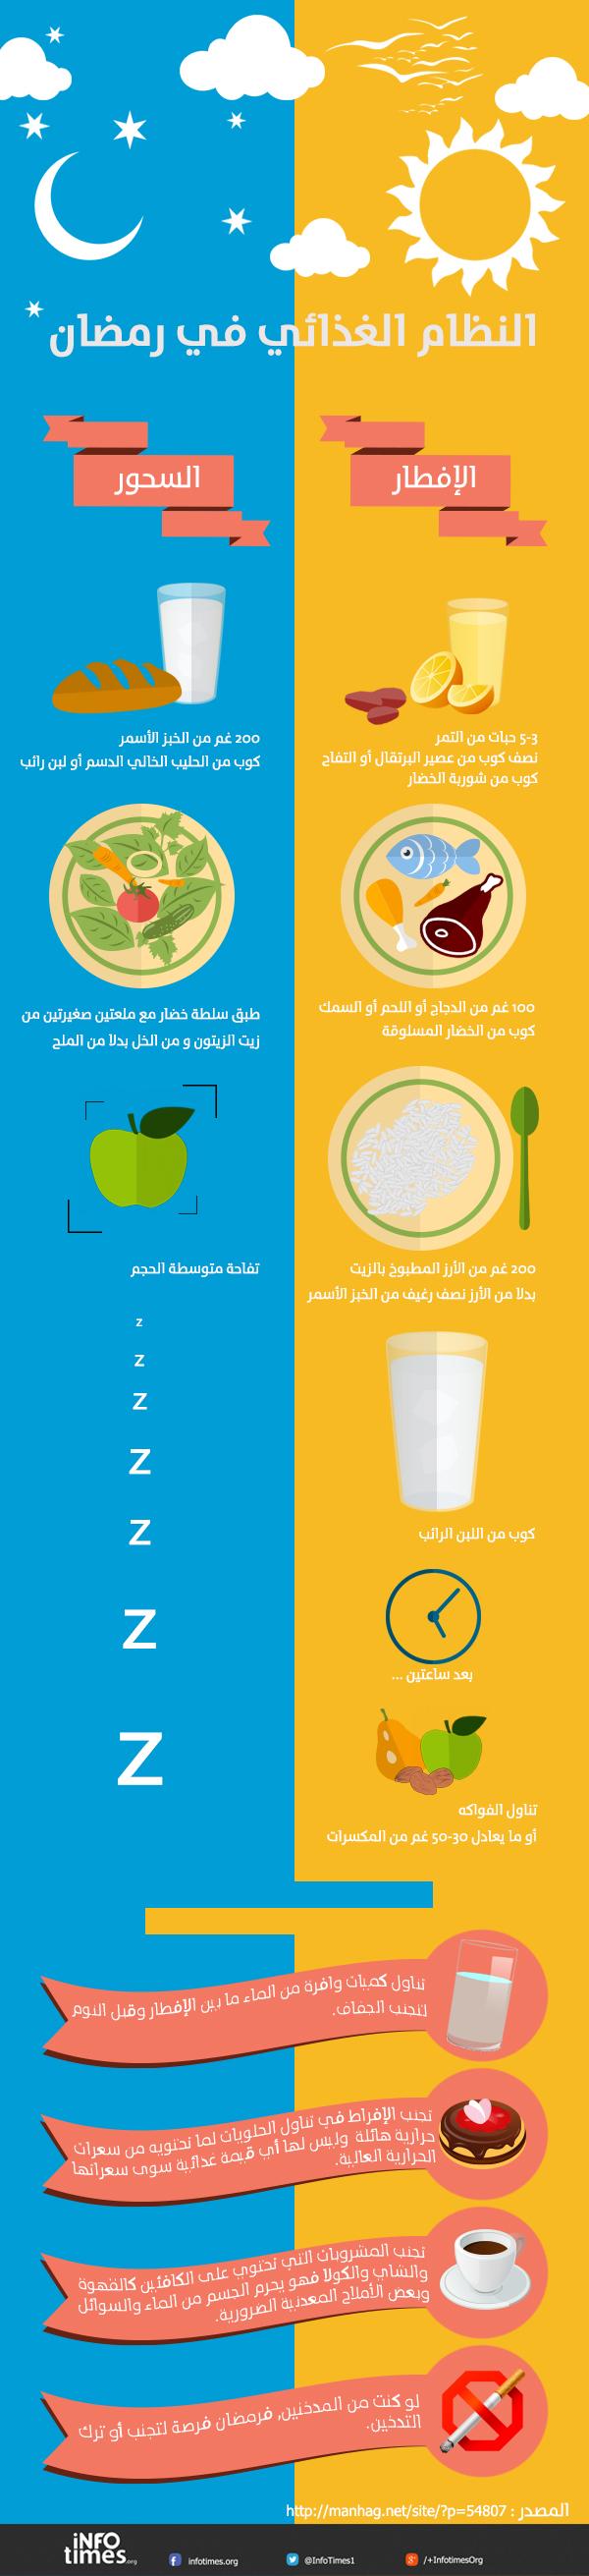 Infotimes إنفوتايمز النظام الغذائي في رمضان Nutrition Crafts For Kids Kids Nutrition Nutrition Month